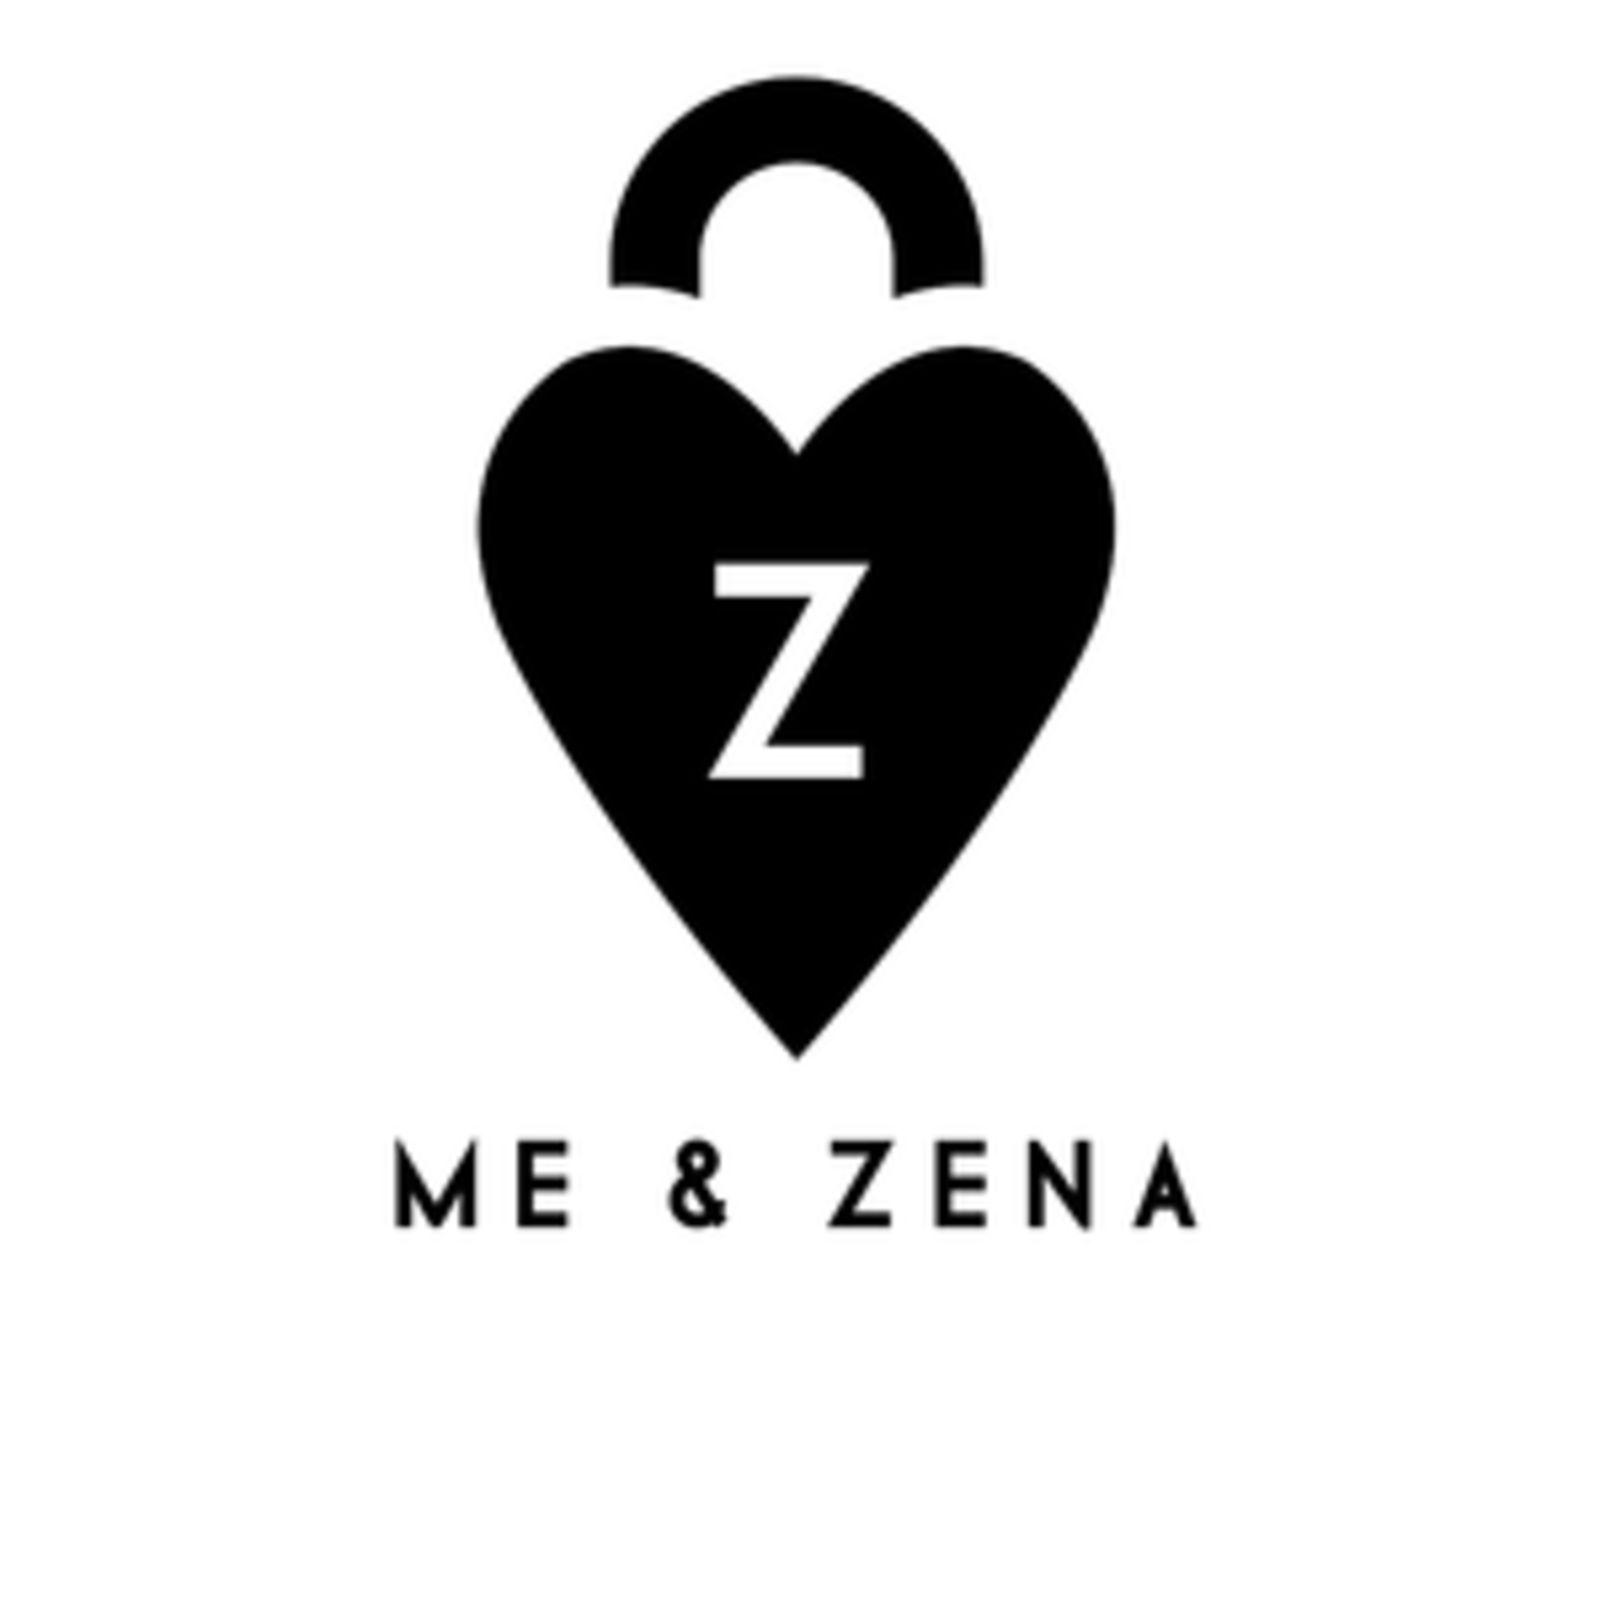 ME & ZENA